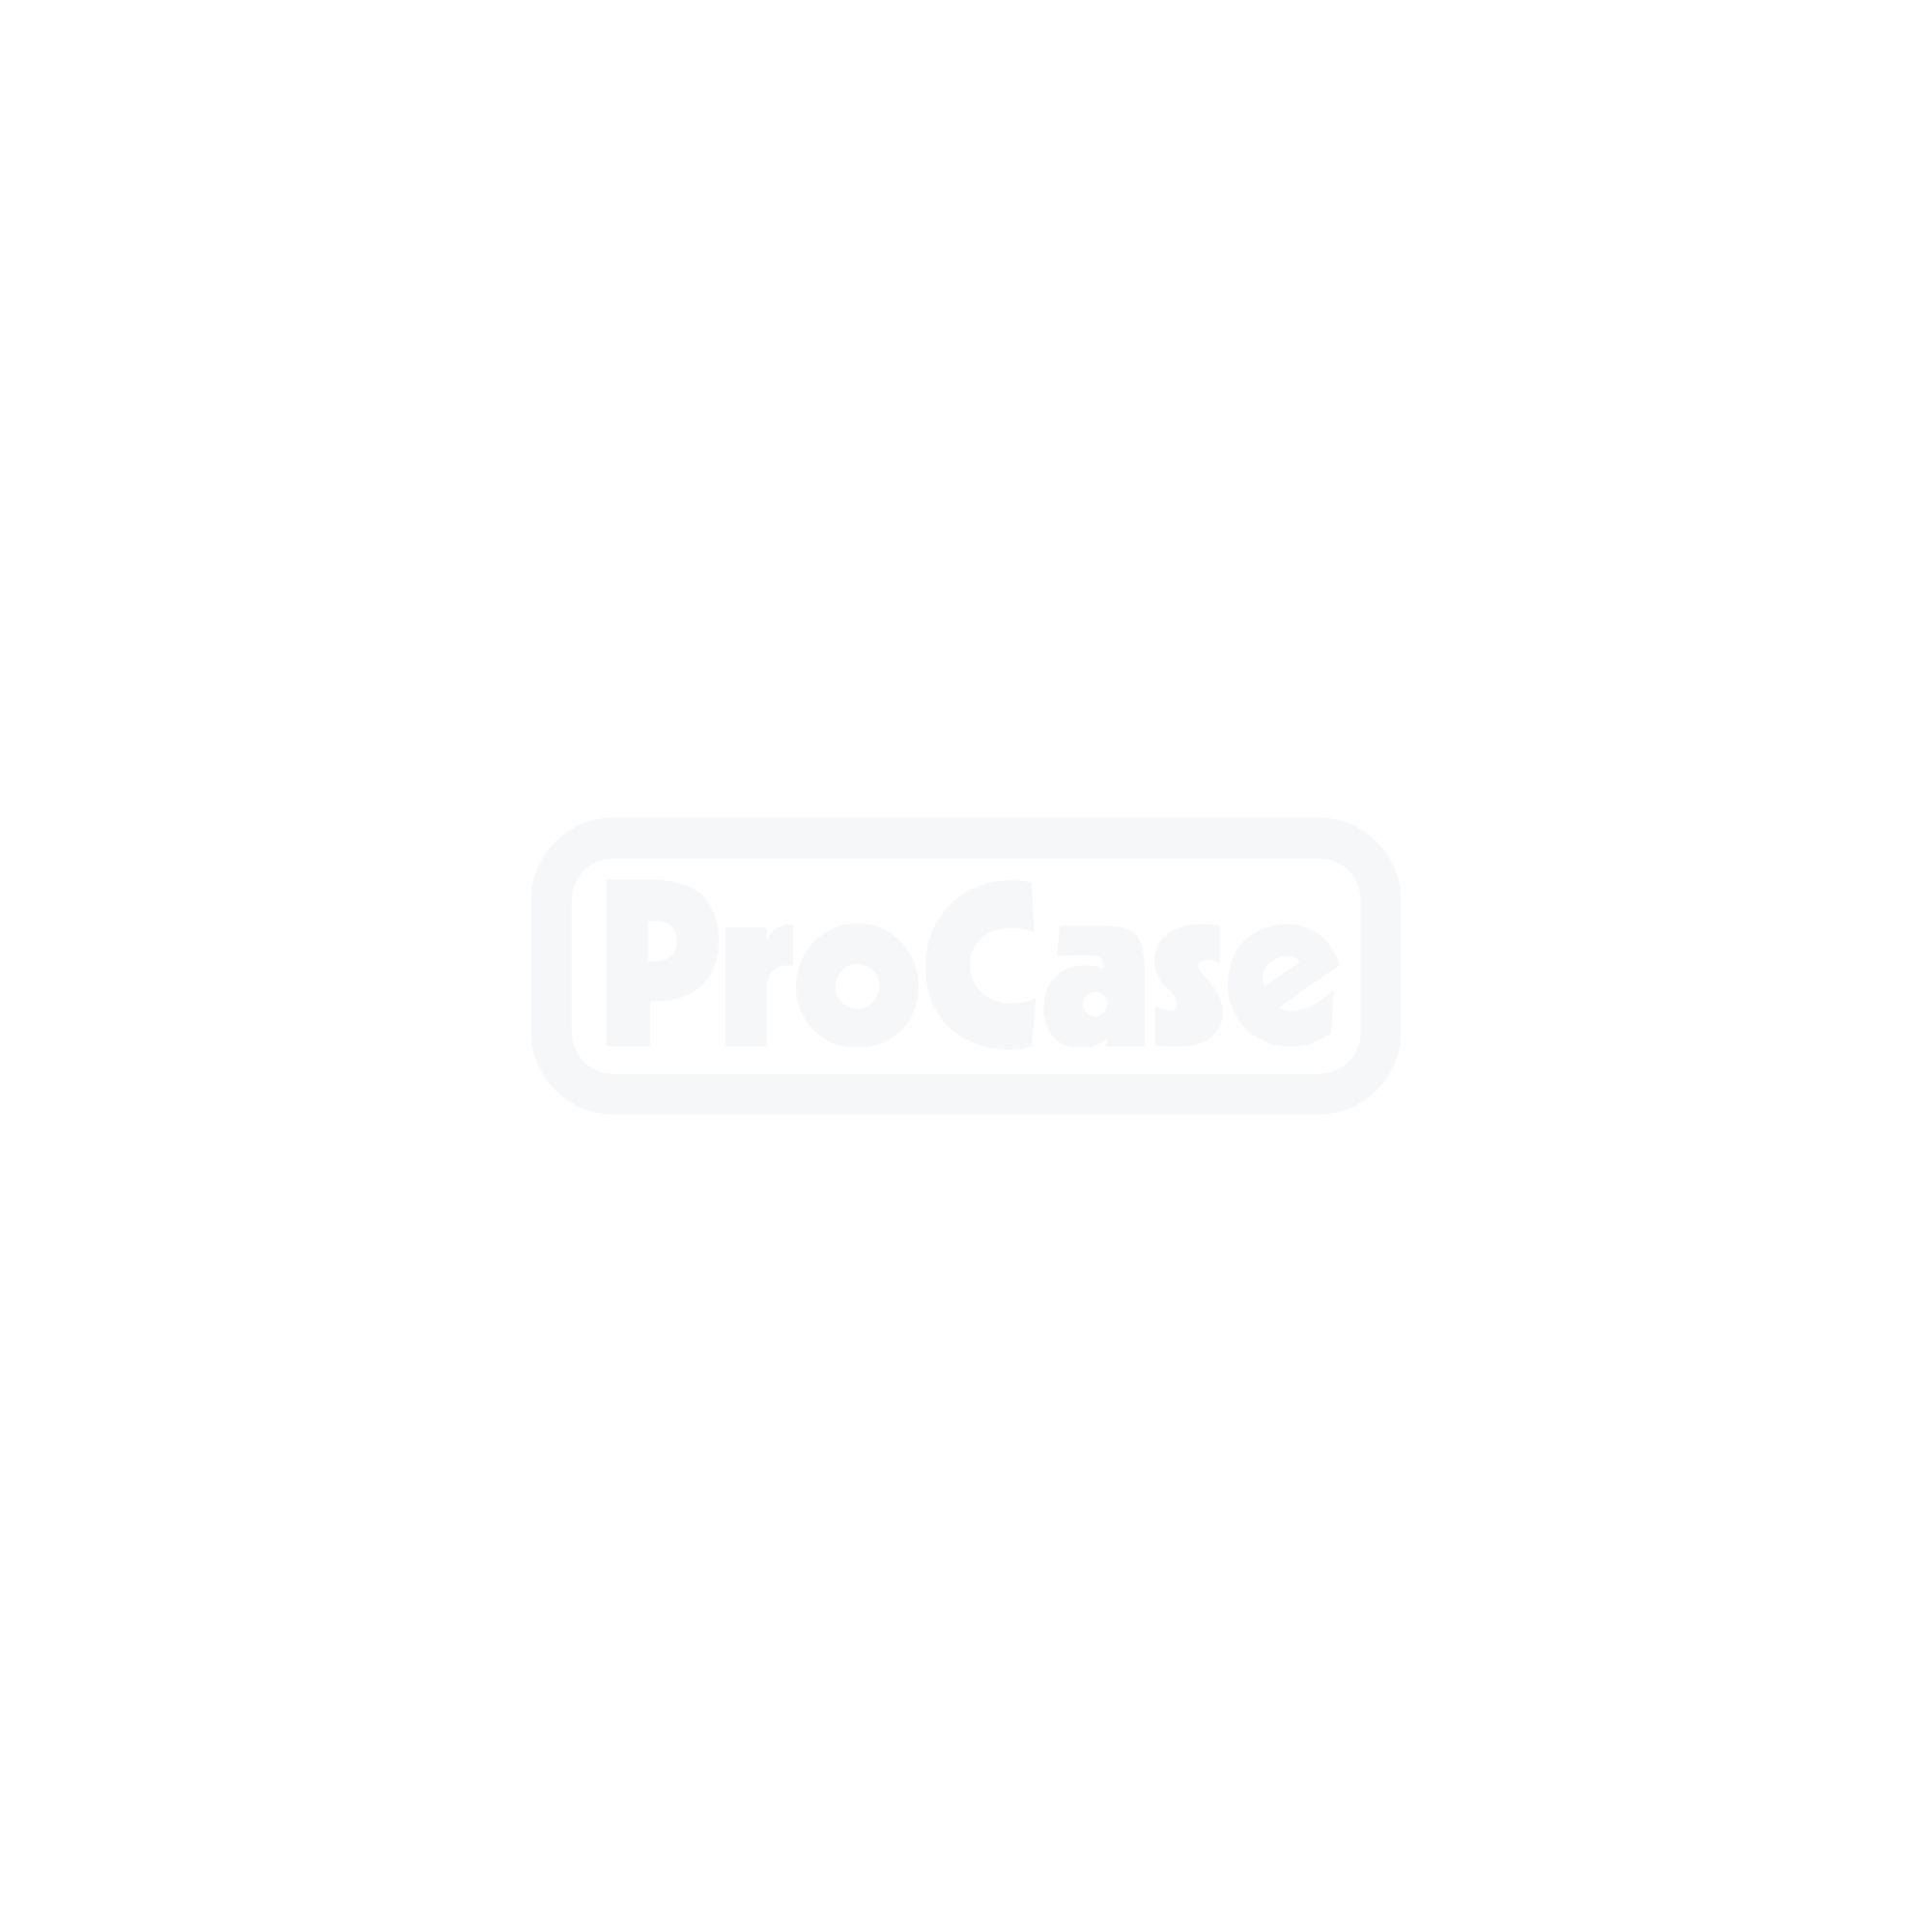 QSD-Rack 20HE 800 mm tief 4